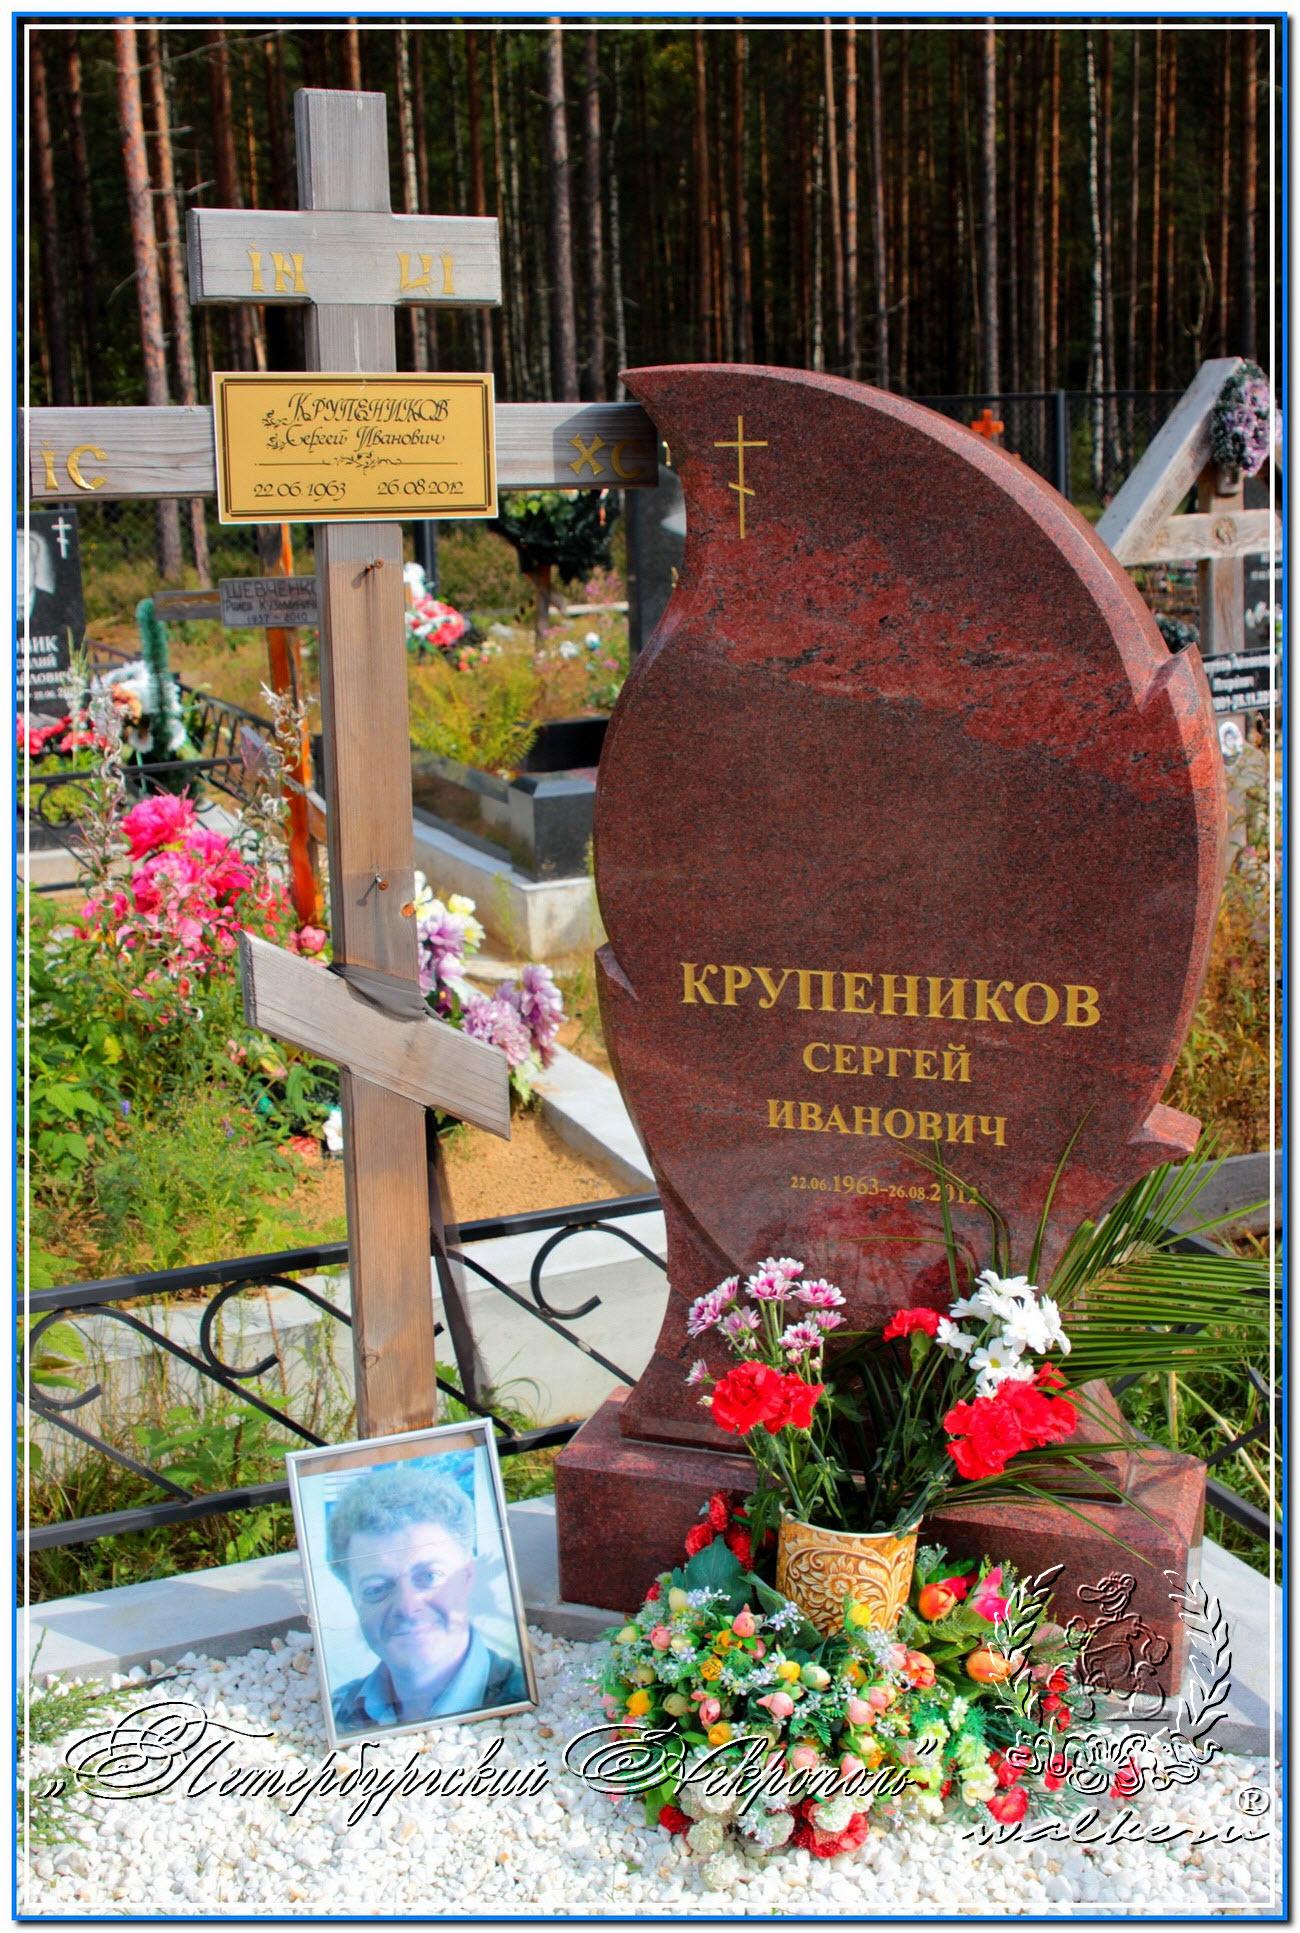 Крупеников Сергей Иванович